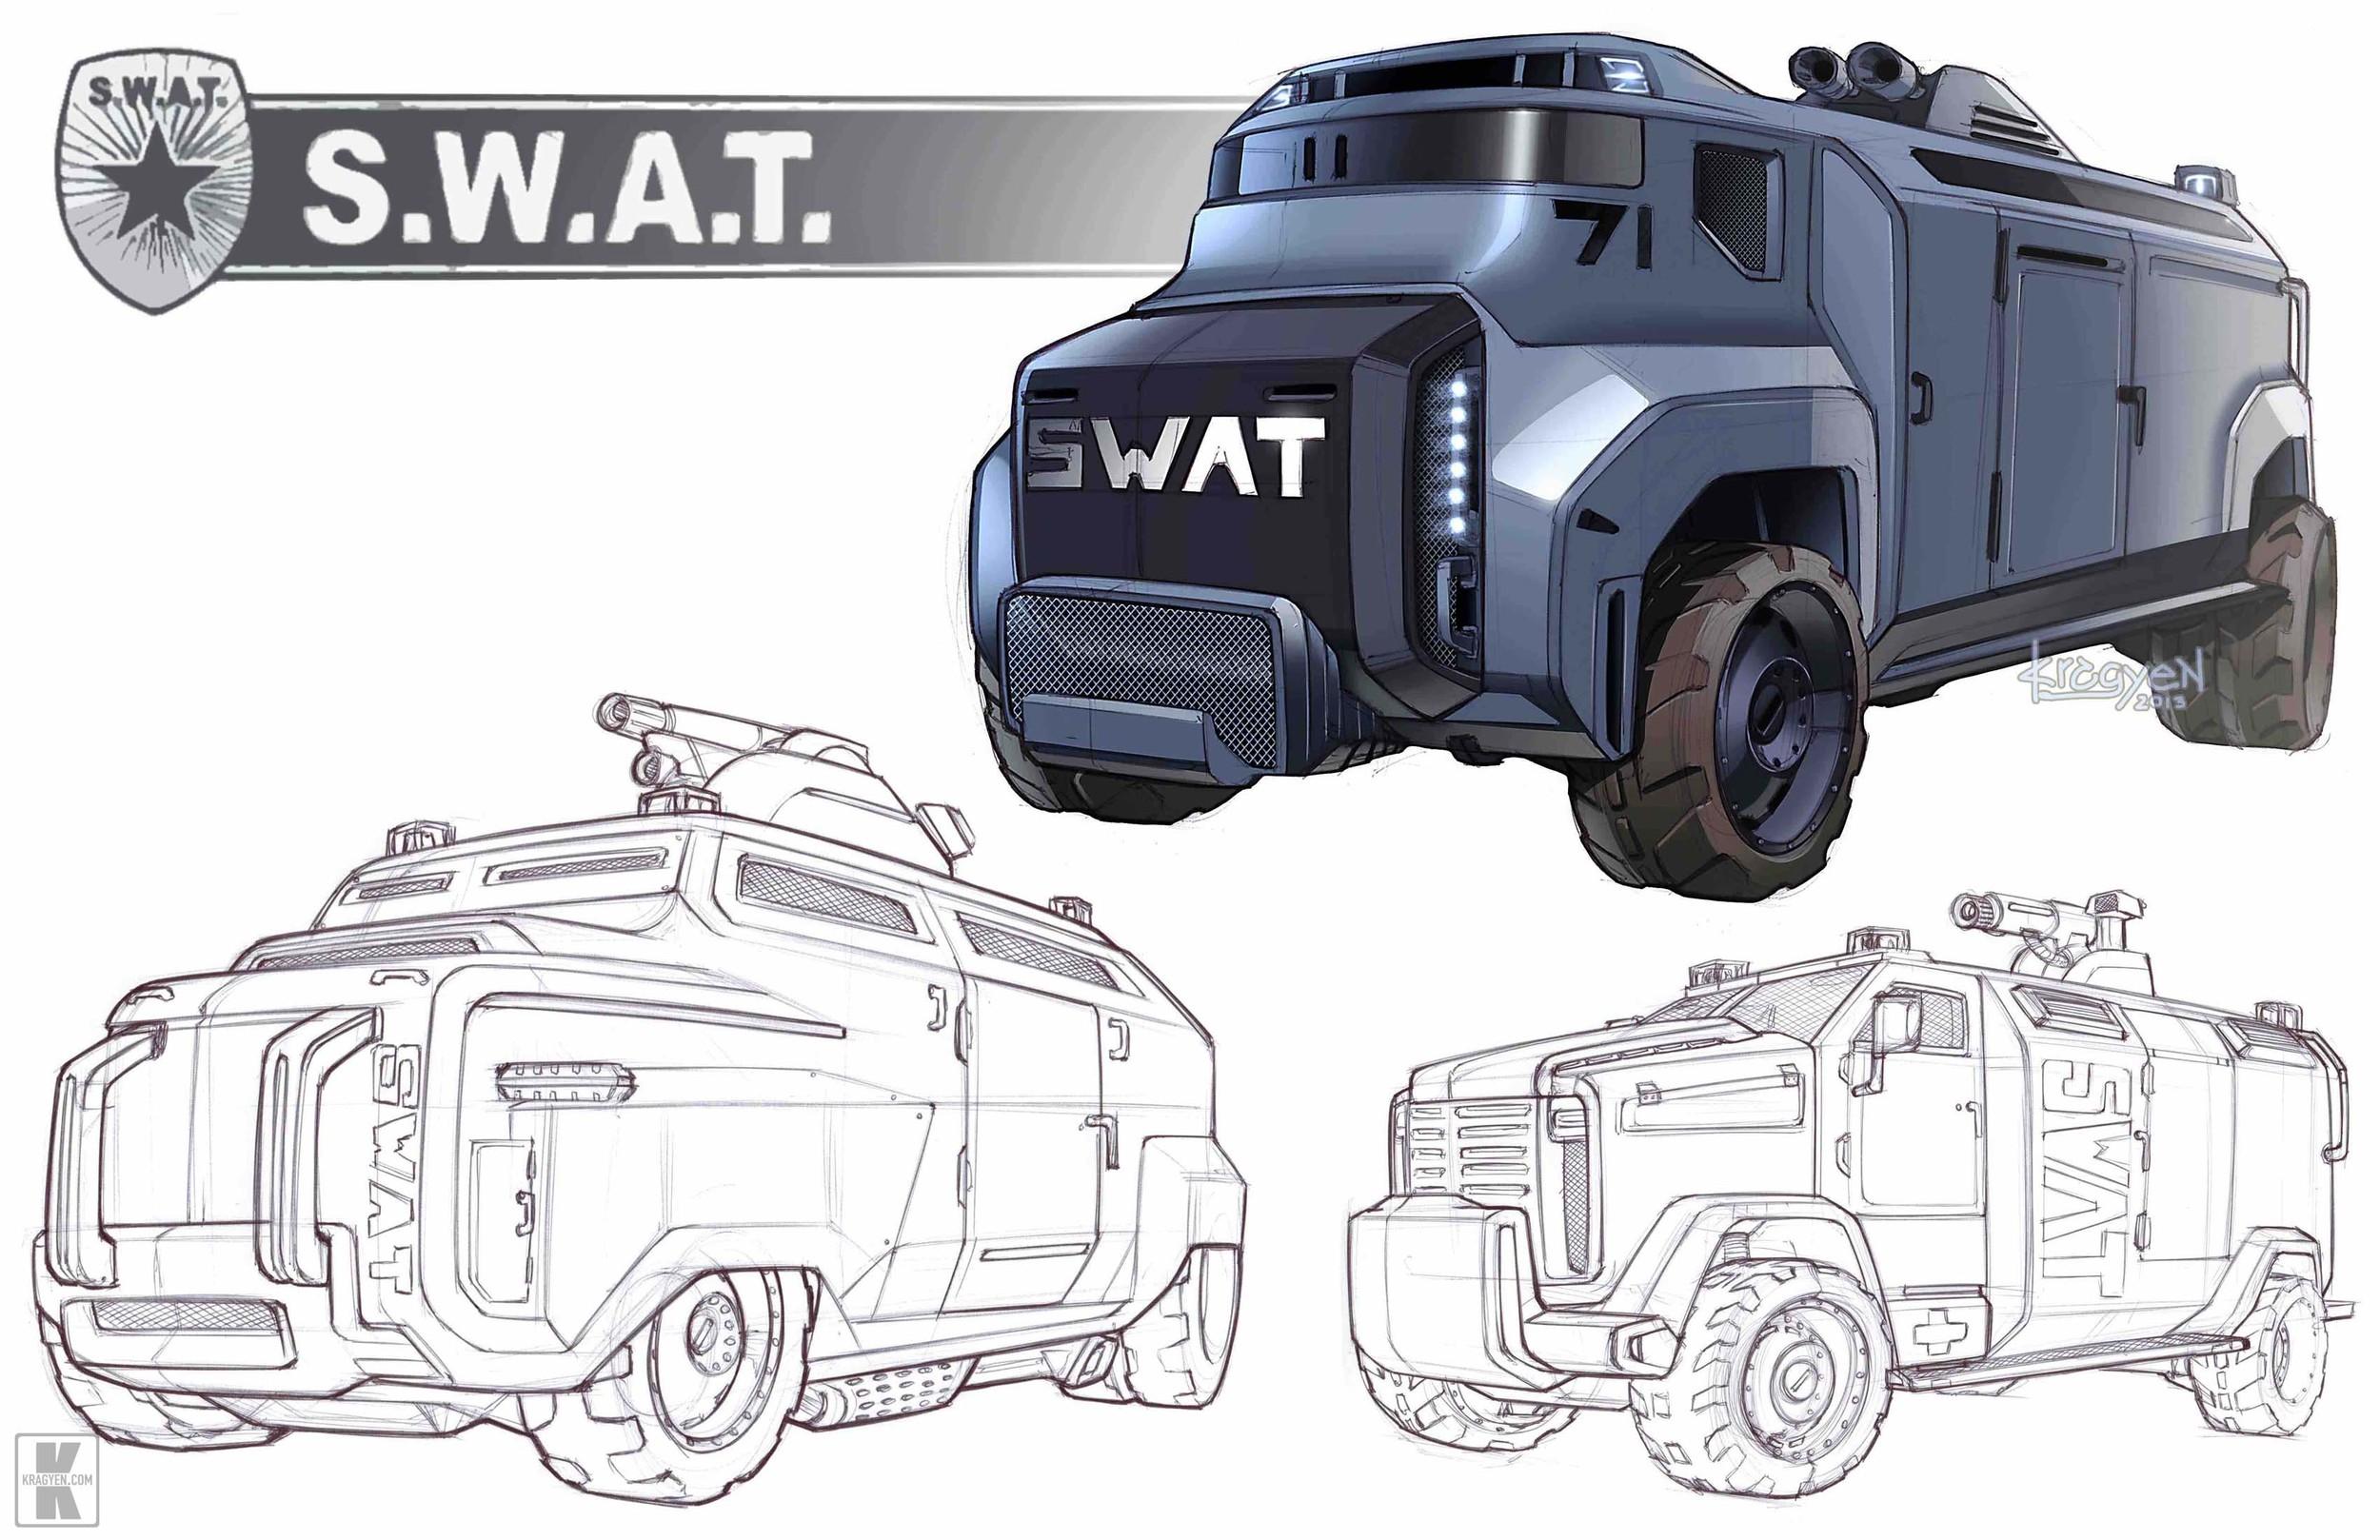 swatvans.jpg